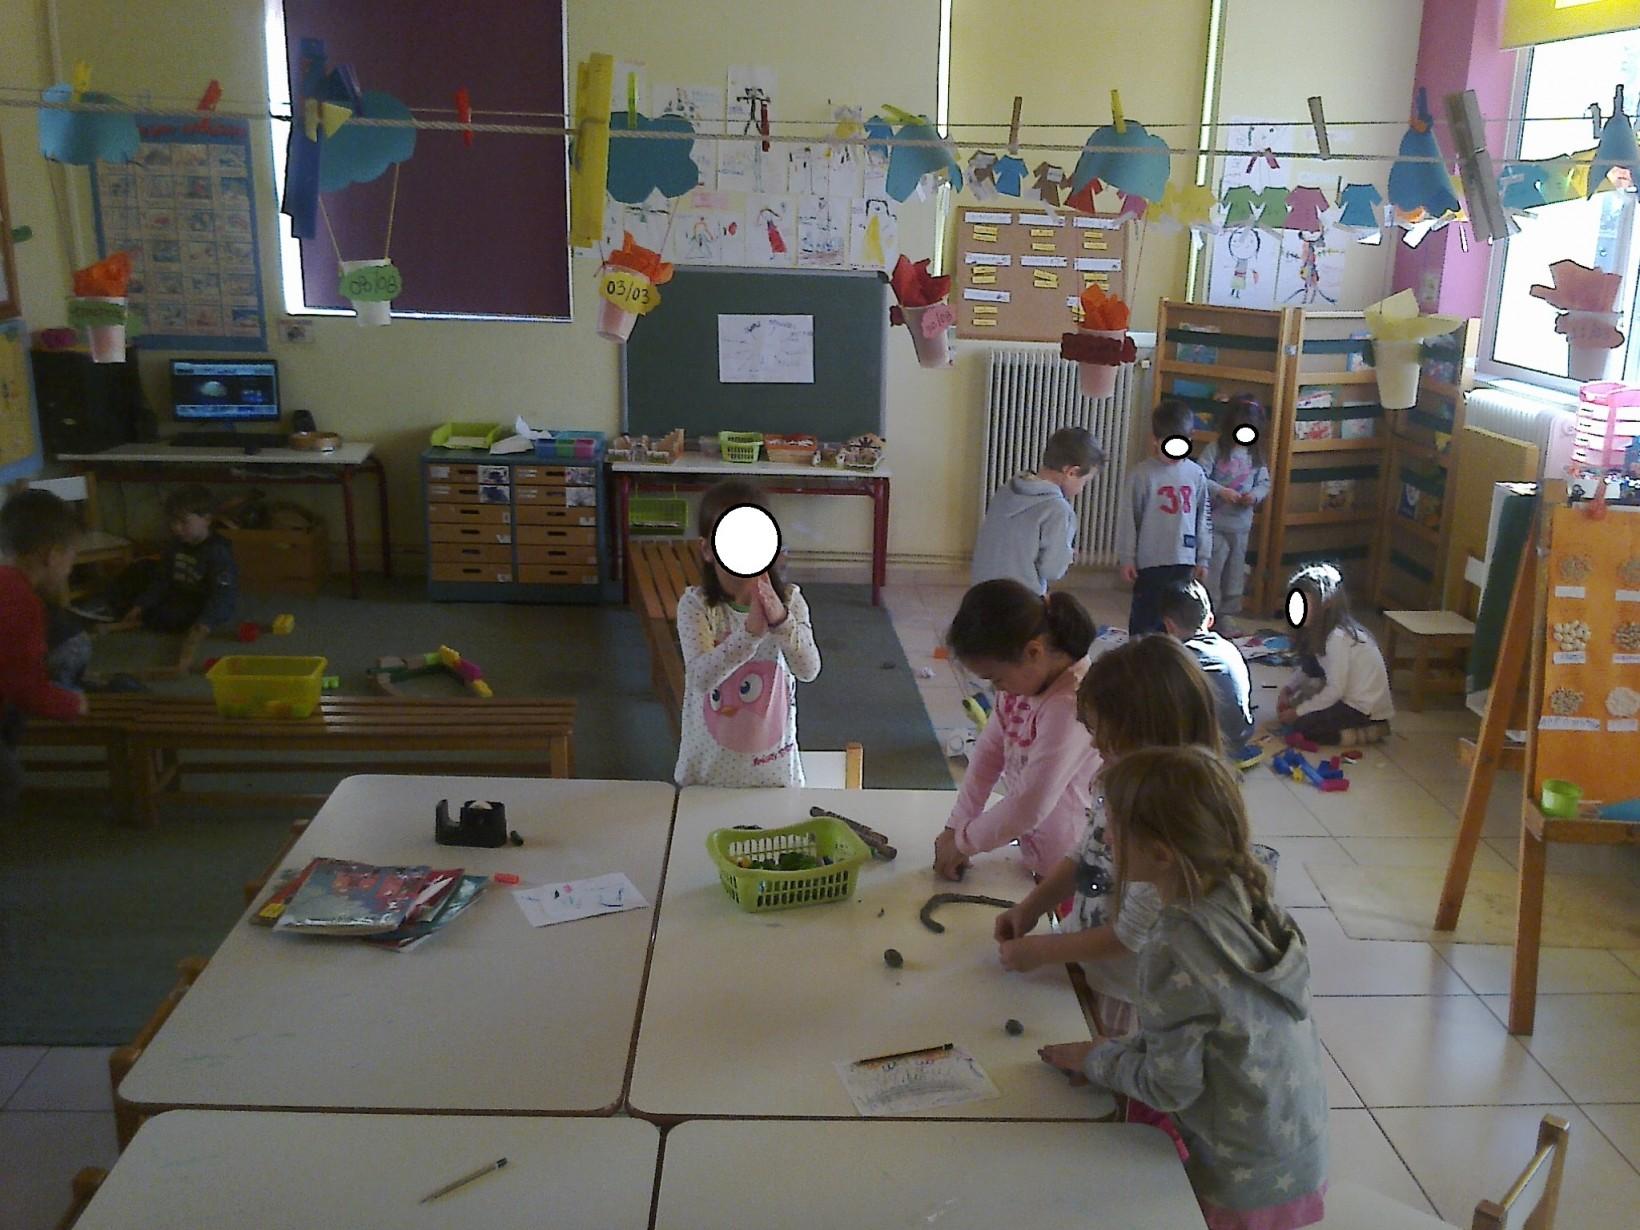 τα παιδιά χωρίστηκαν σε ομάδες και προσπάθησαν με διάφορα υλικά να φτιάξουν  ιγκλού. ποιος τα 56b2fc6e519